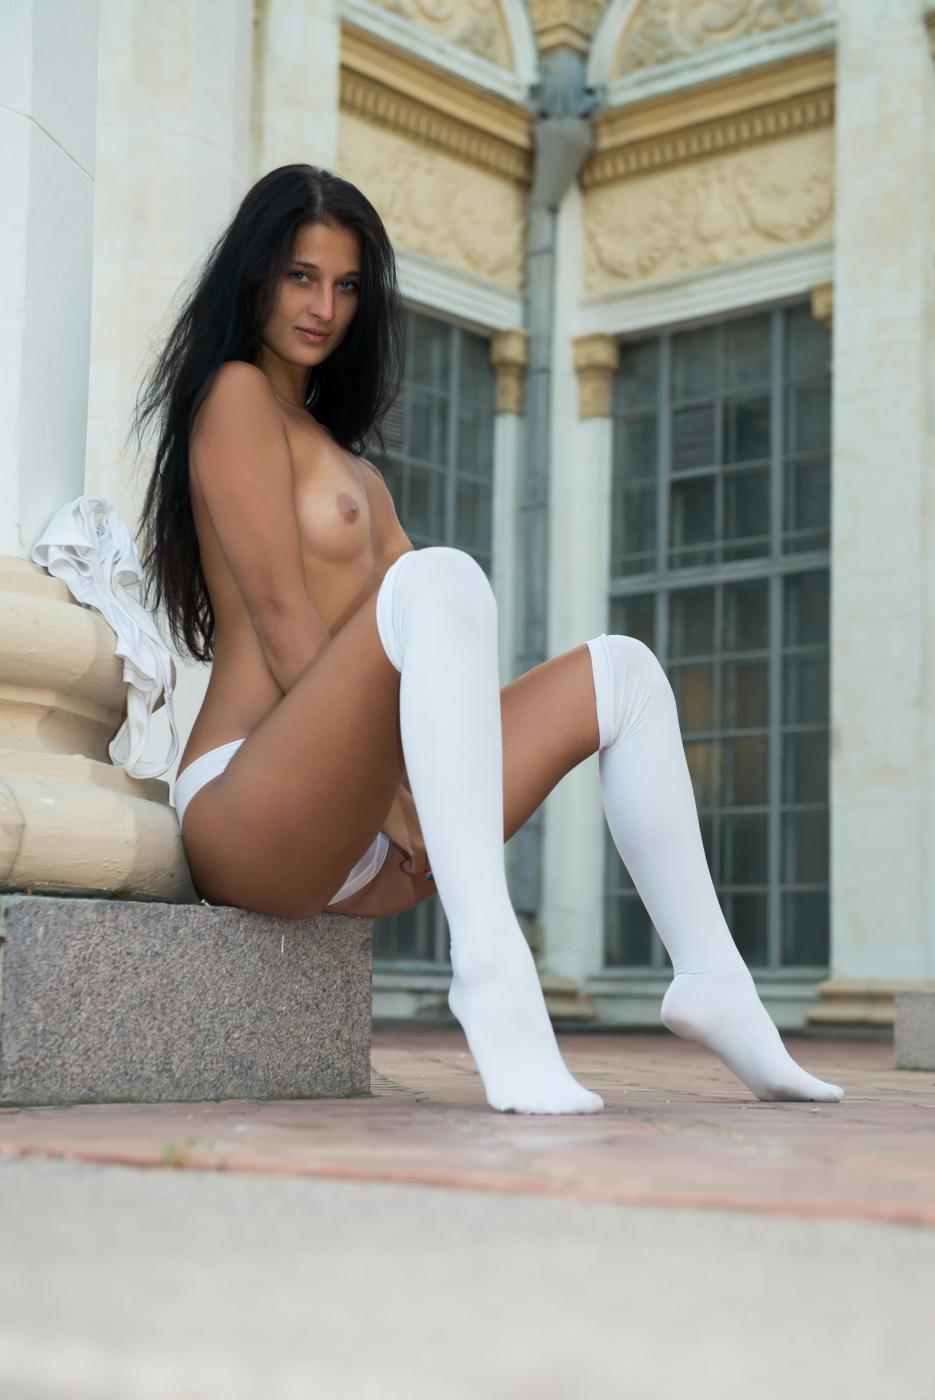 Смуглая и хорошенькая Katya AC показывает свое тело в саду для нас